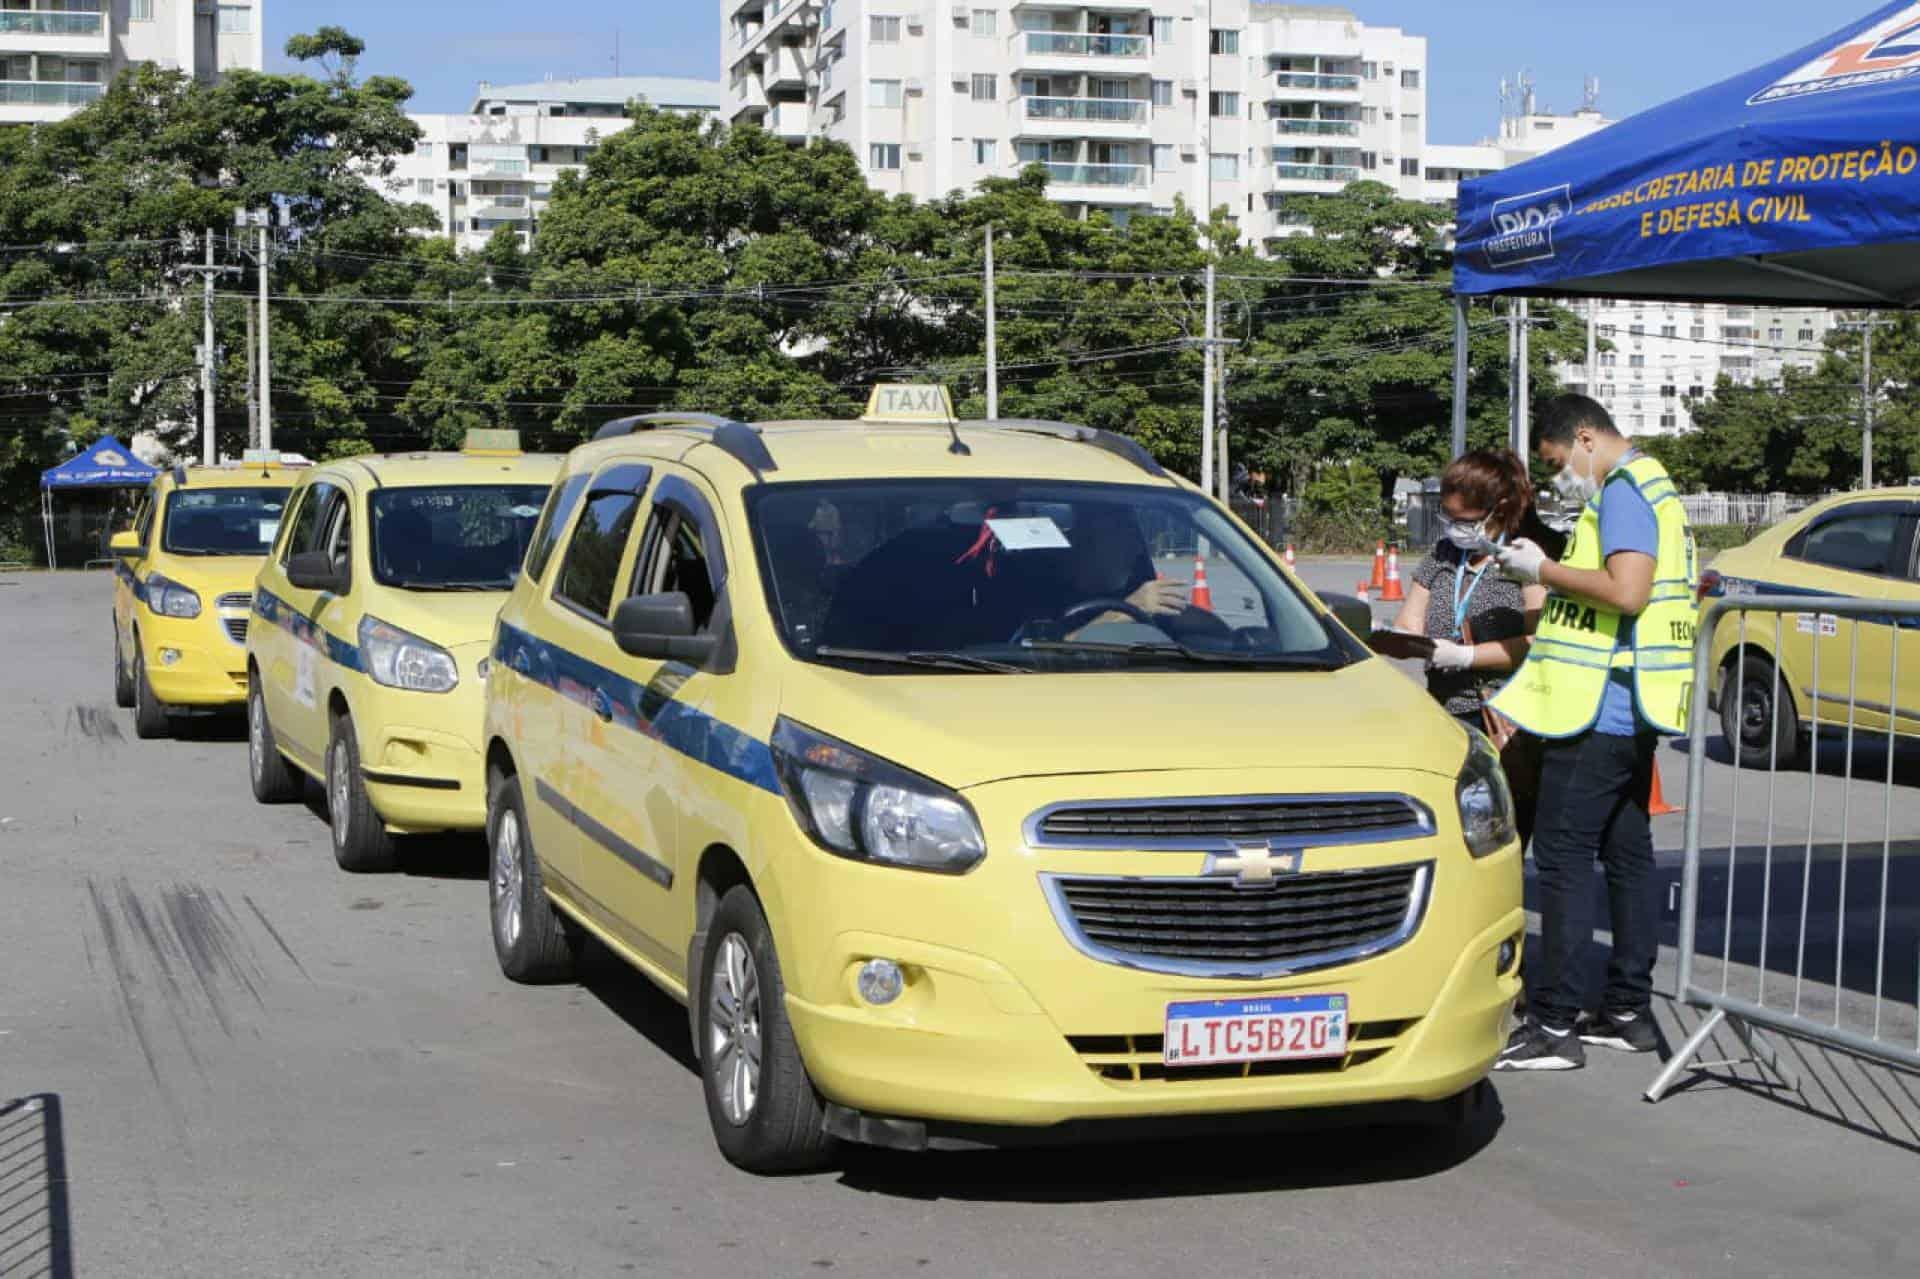 App de Táxi do Rio de Janeiro passará a aceitar pagamento por QR Code (Imagem: Reprodução - Google)